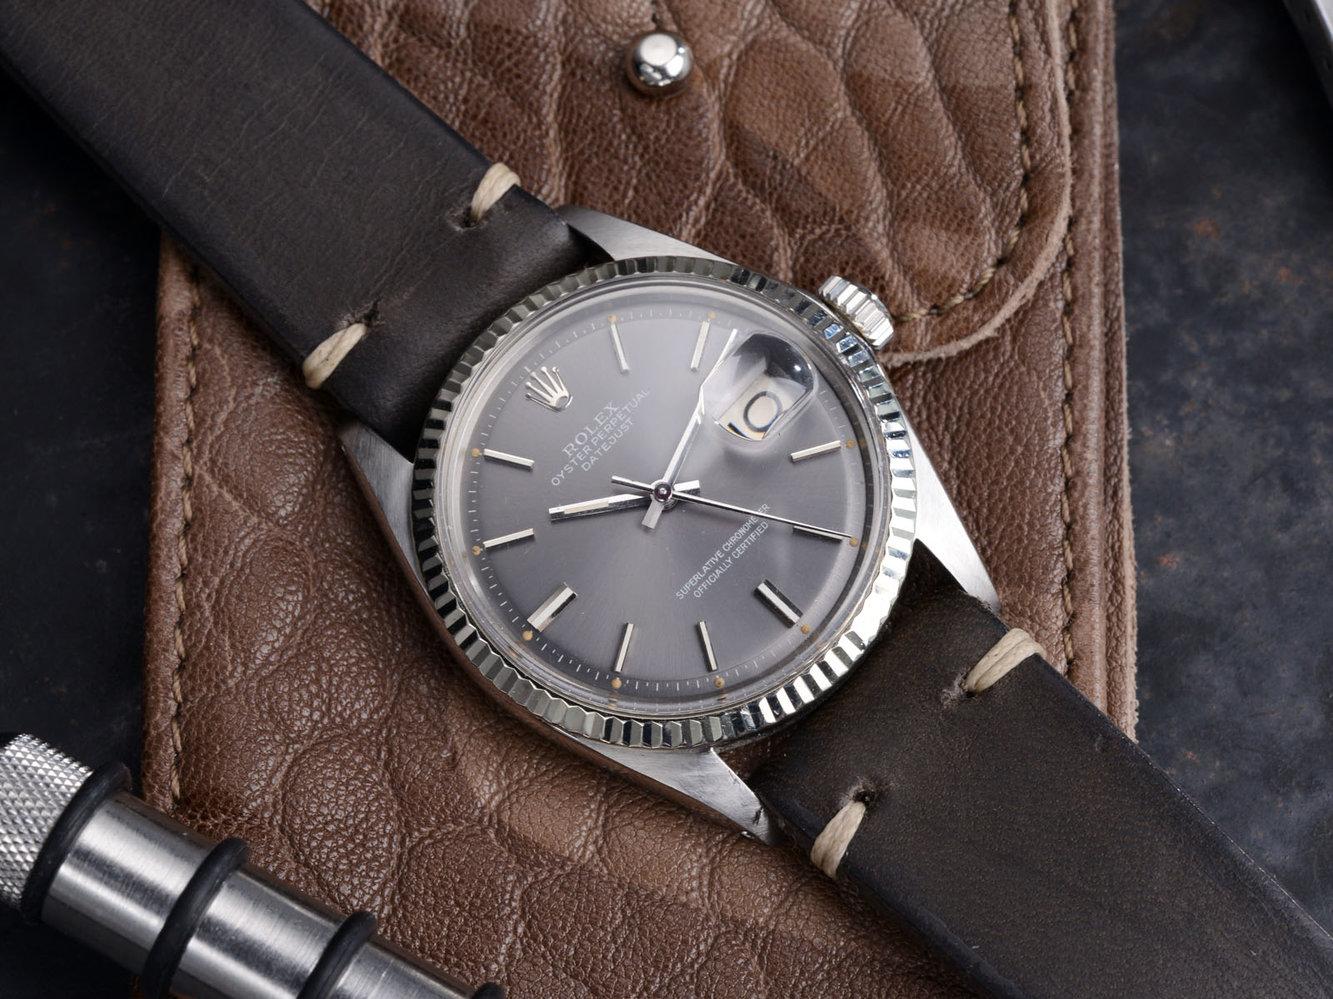 BS-W-114-Rolex-1601-Grey-Dial-515-03.jpg